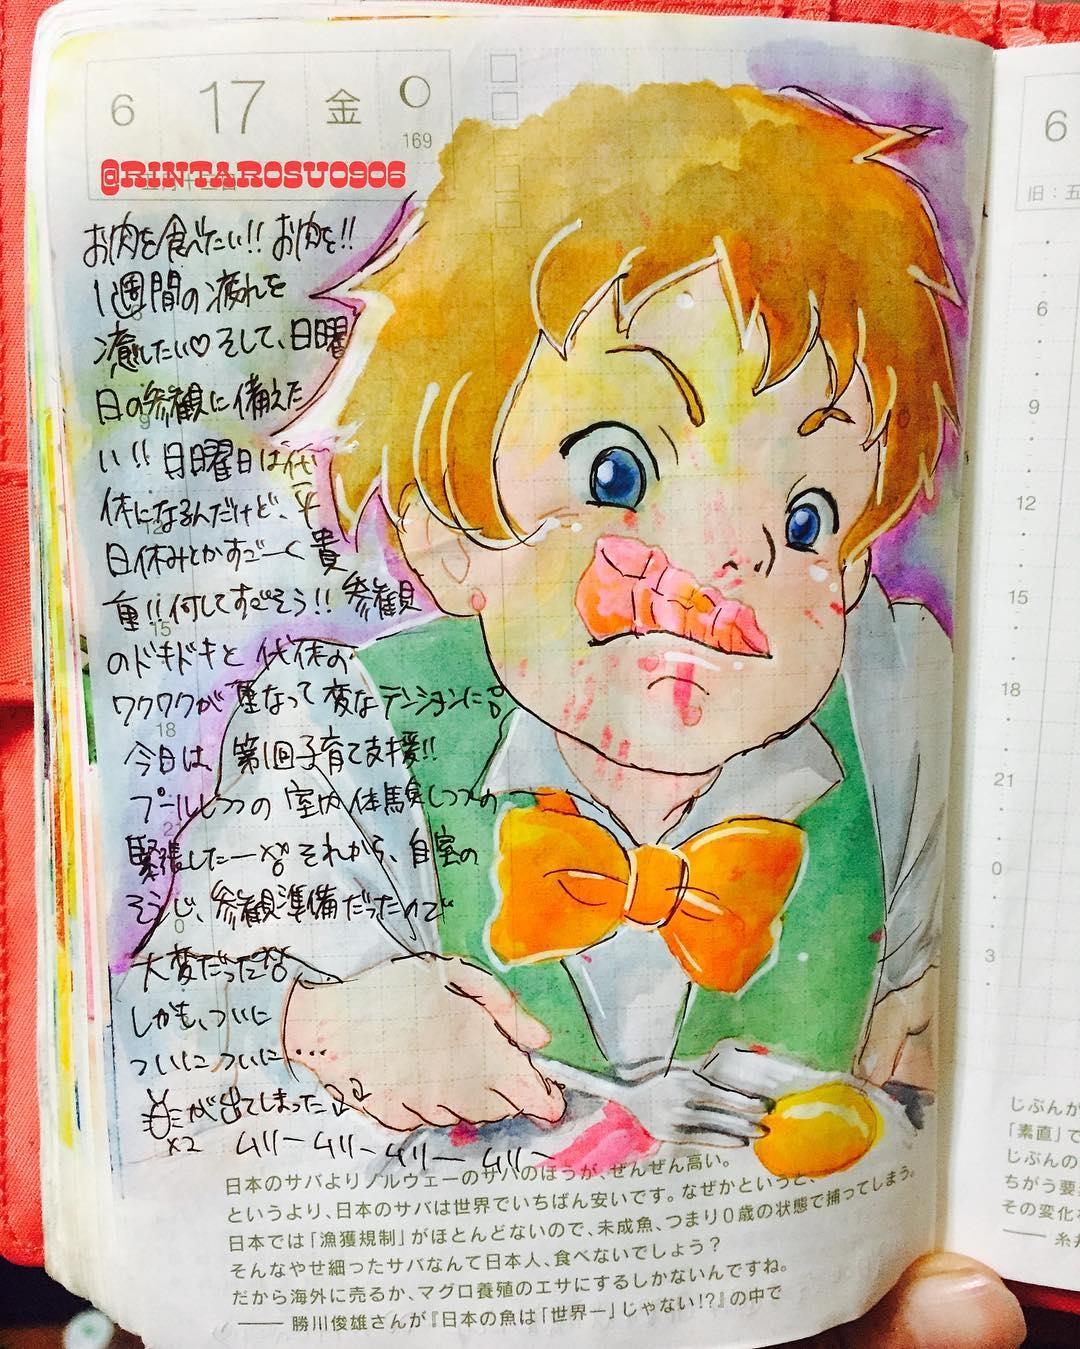 內頁圖檔2bo8cur1